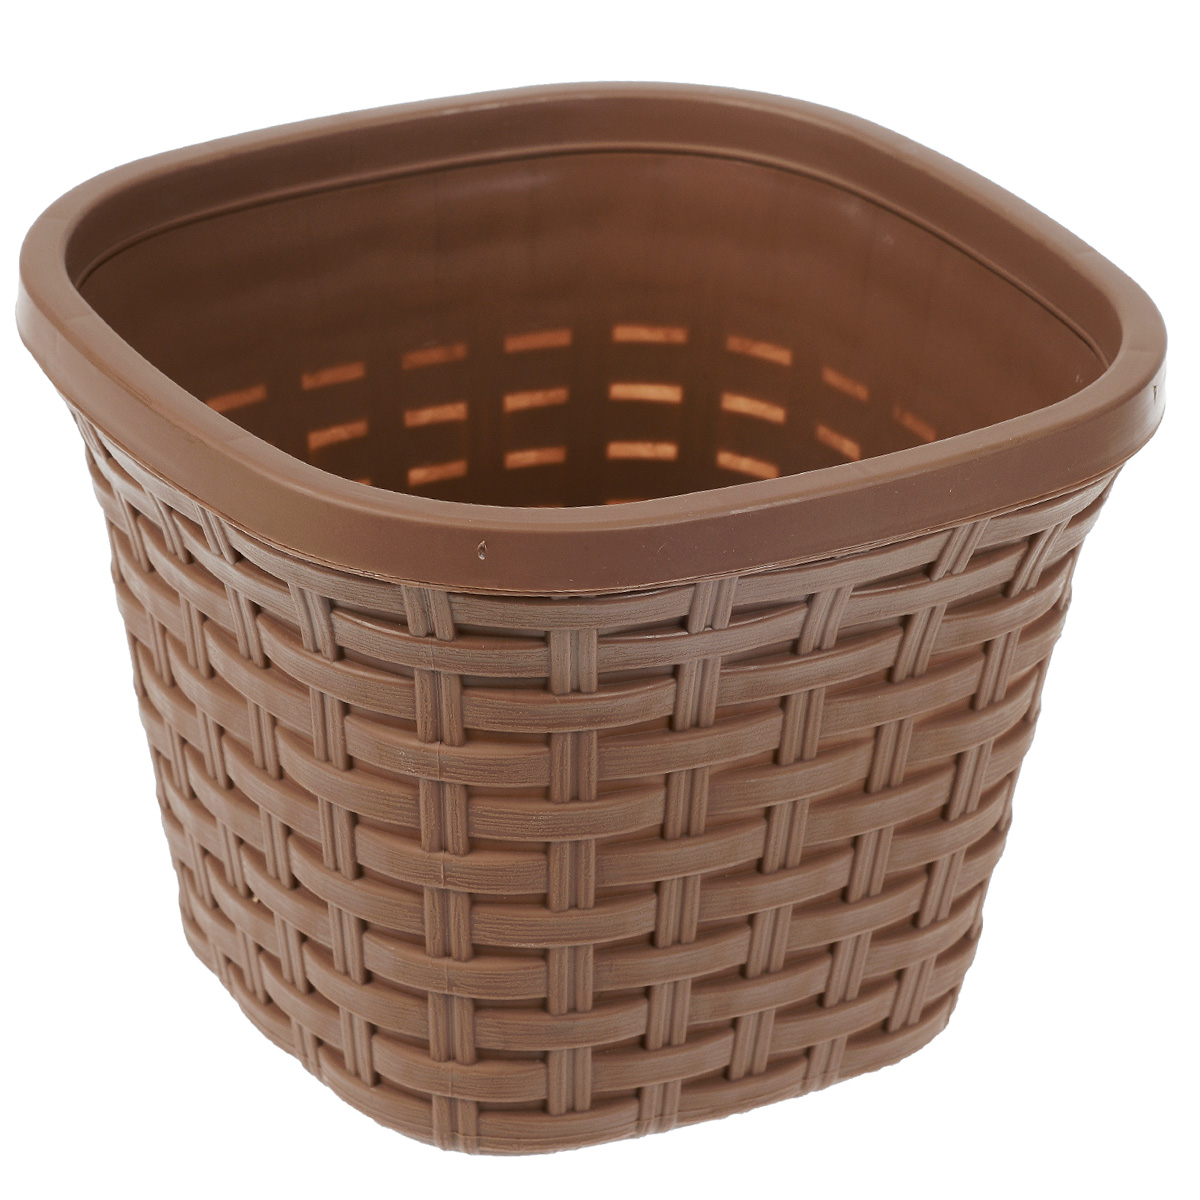 Кашпо Violet Ротанг, с дренажной системой, цвет: какао, 2,6 лZ-0307Кашпо Violet Ротанг изготовлено из высококачественного пластика и оснащено дренажной системой для быстрого отведения избытка воды при поливе. Изделие прекрасно подходит для выращивания растений и цветов в домашних условиях. Лаконичный дизайн впишется в интерьер любого помещения.Объем: 2,6 л.